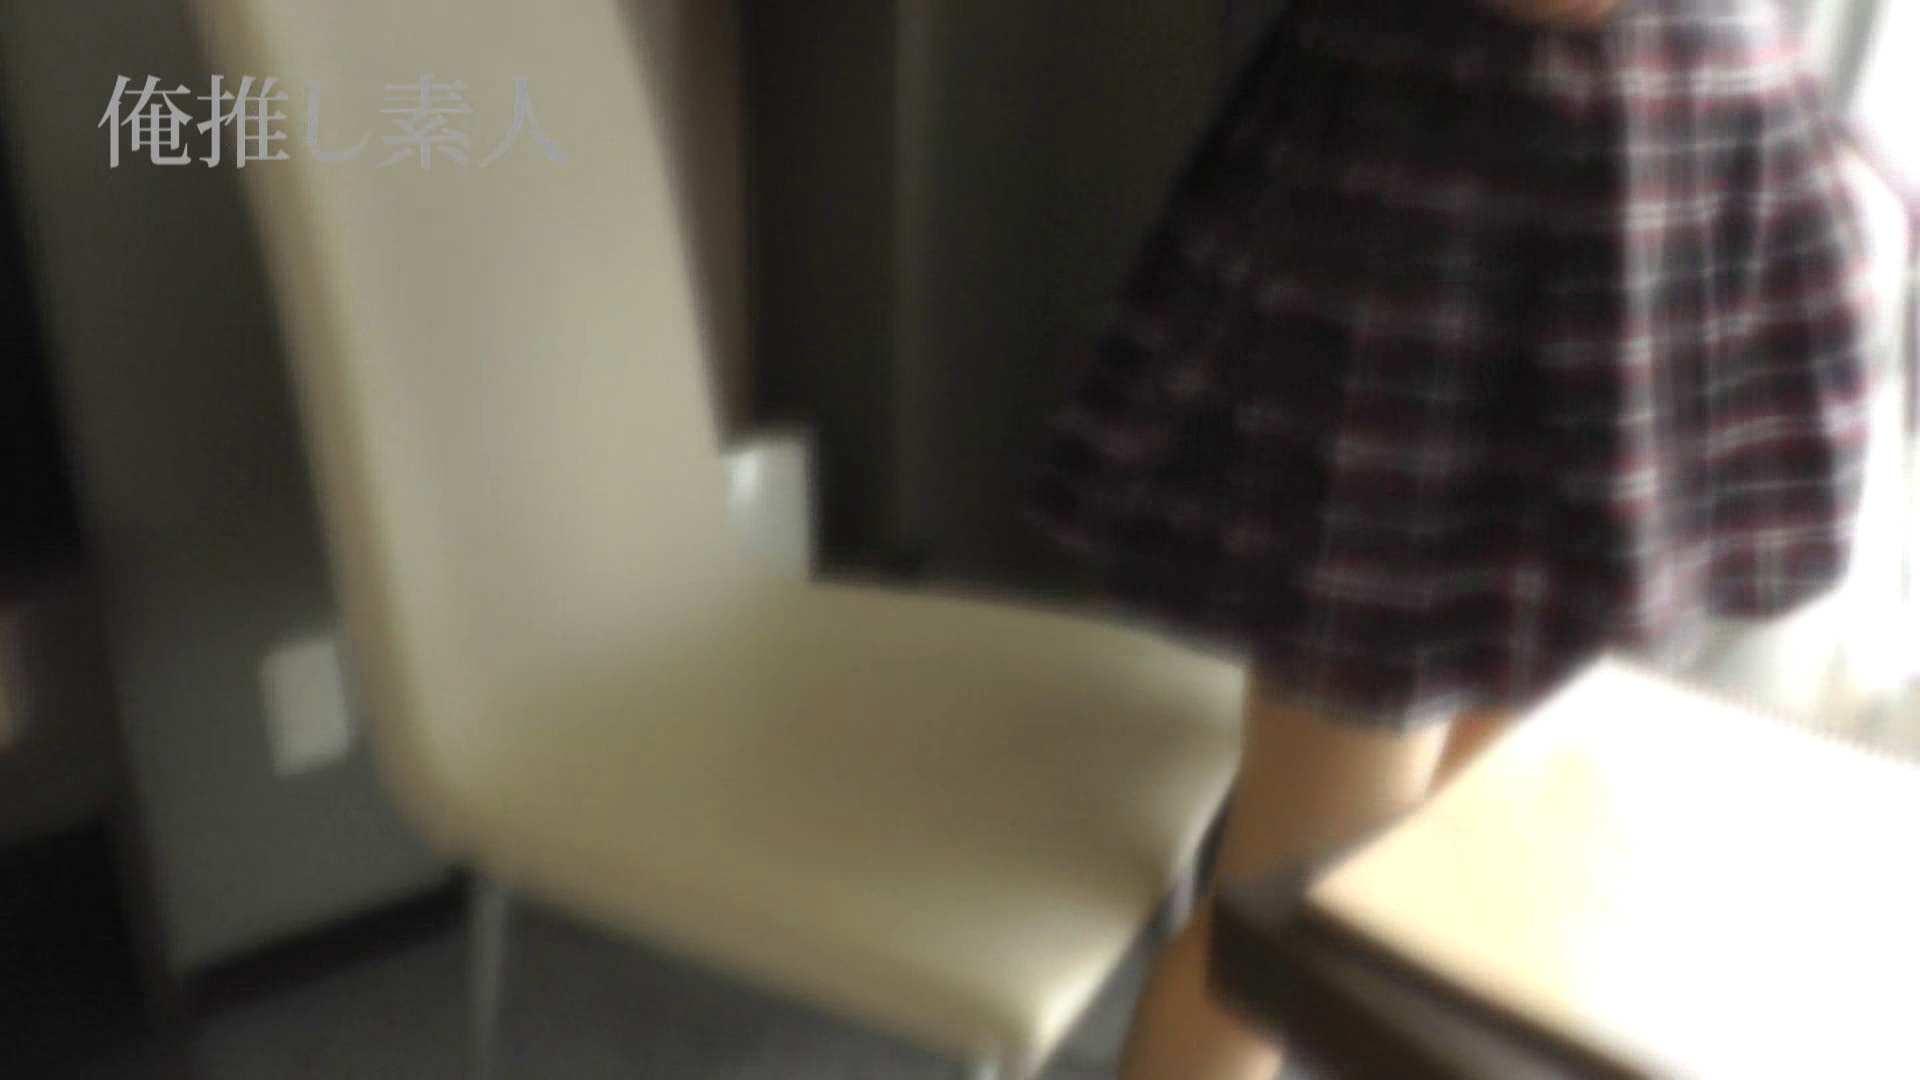 俺推し素人 キャバクラ嬢26歳久美vol6 おっぱい | 素人流出  99PIX 19